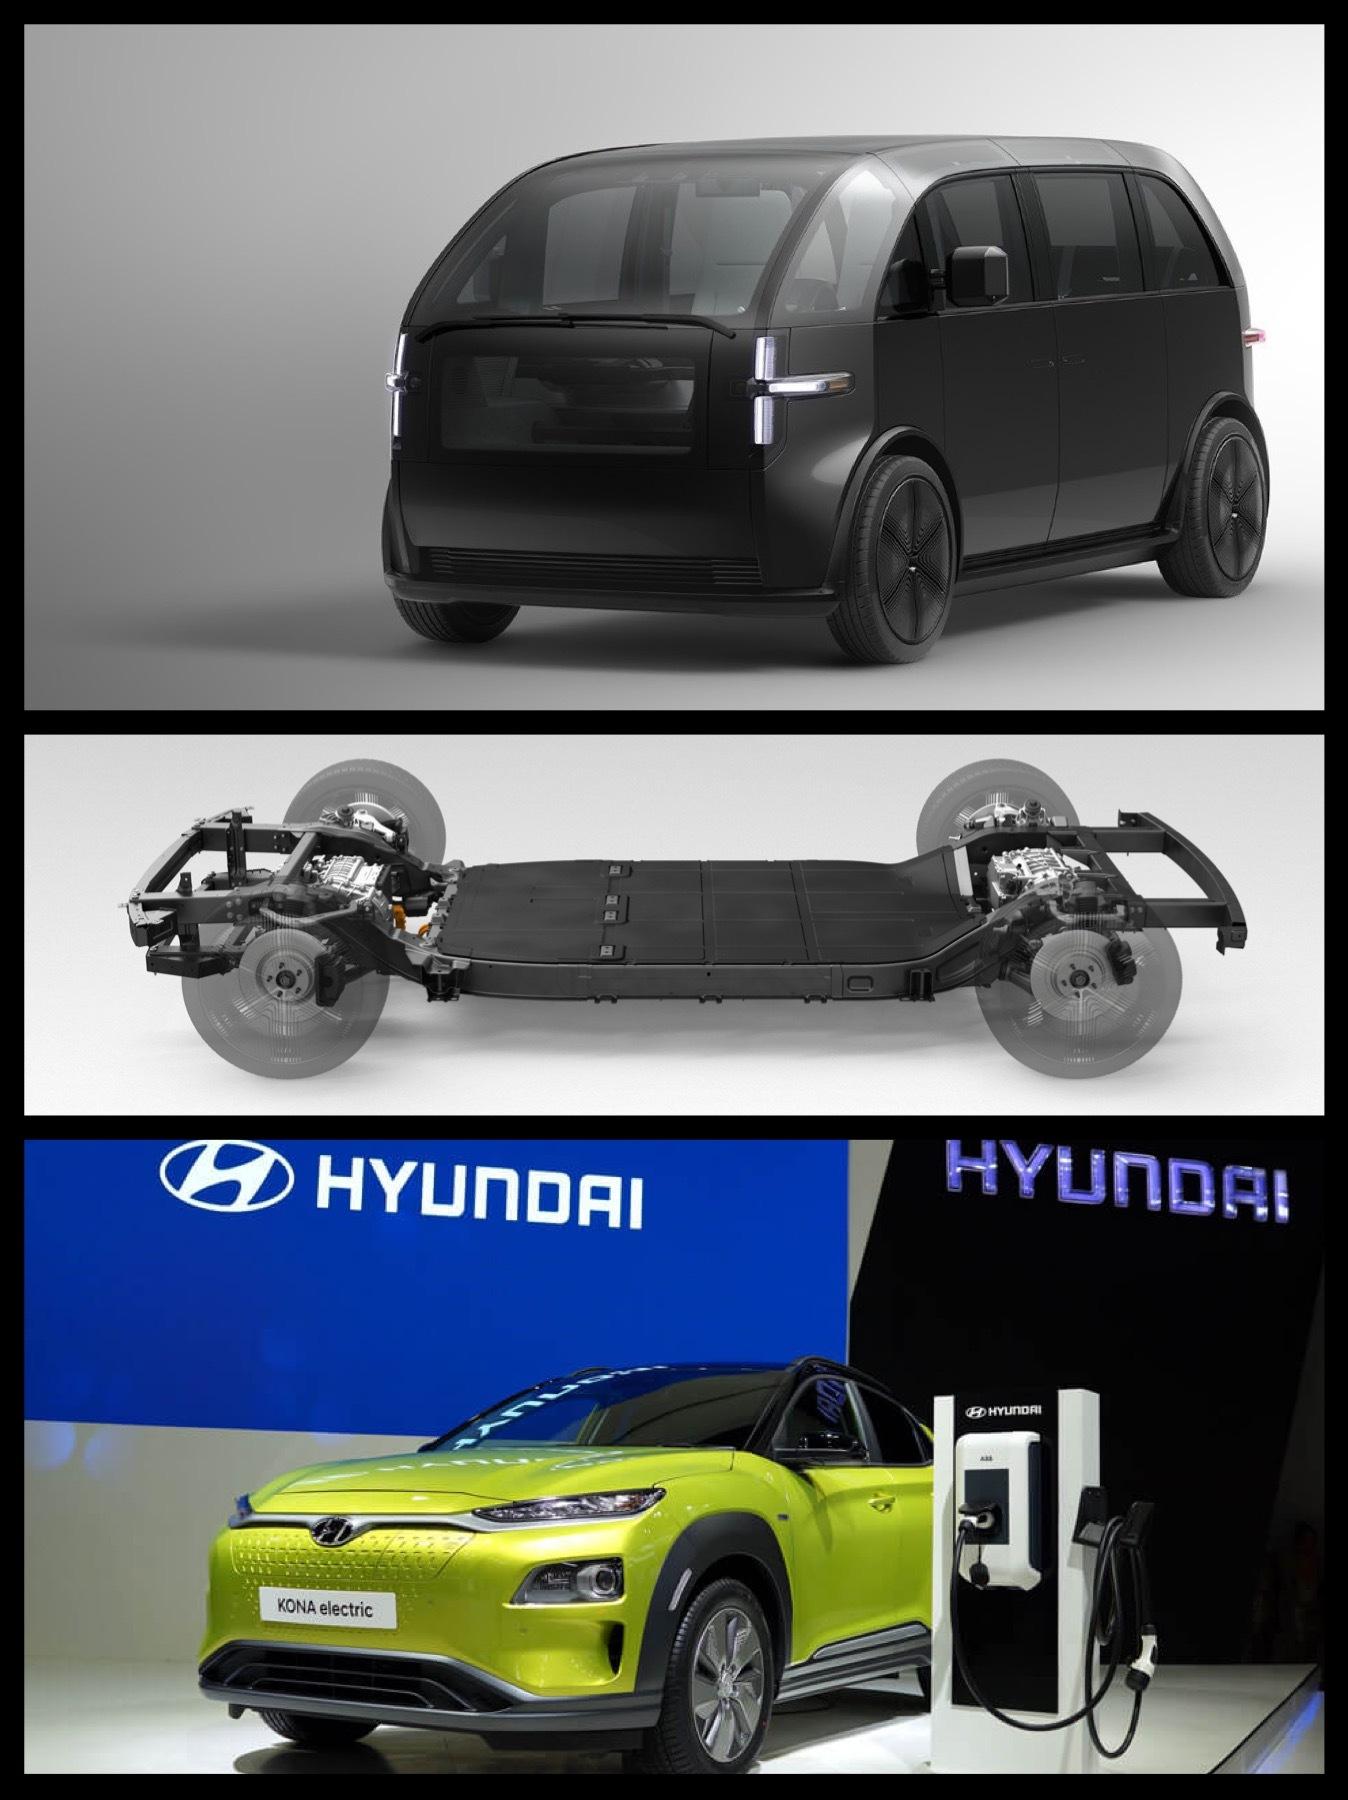 Hyundai canoo 現代自動車 カヌー提携EV